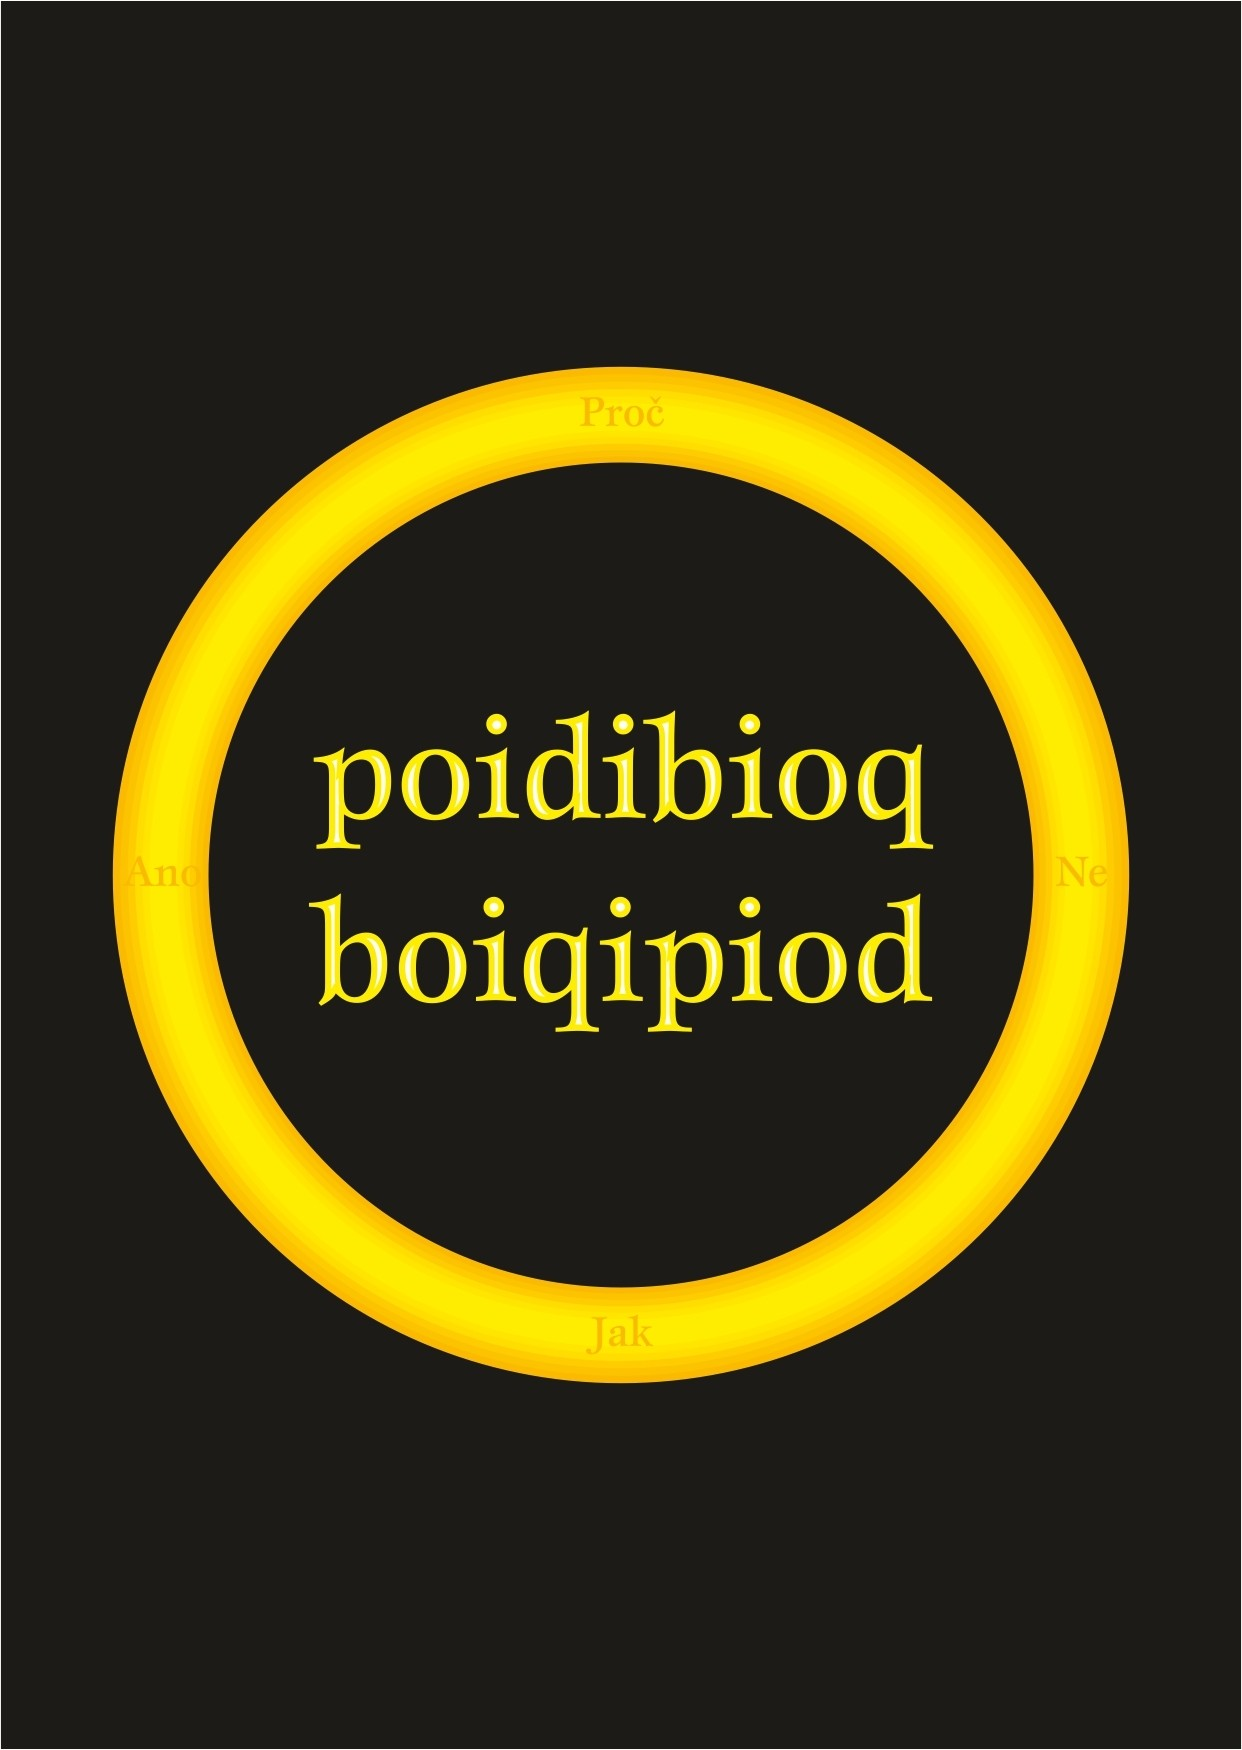 Pravda je uprostřed - dvakrát měř, jednou řeš, poidibioq - boiqipiod